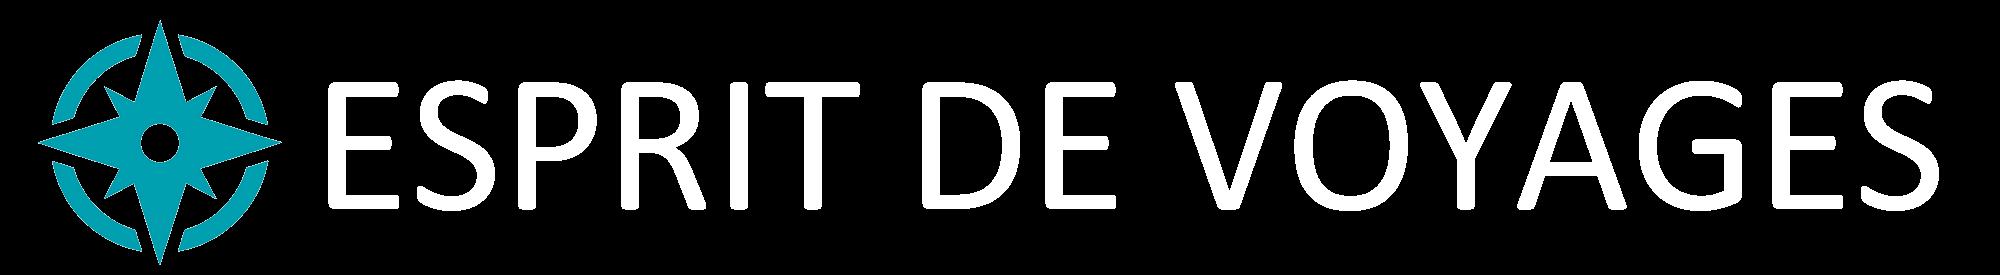 Logo Esprit de voyages, transparent